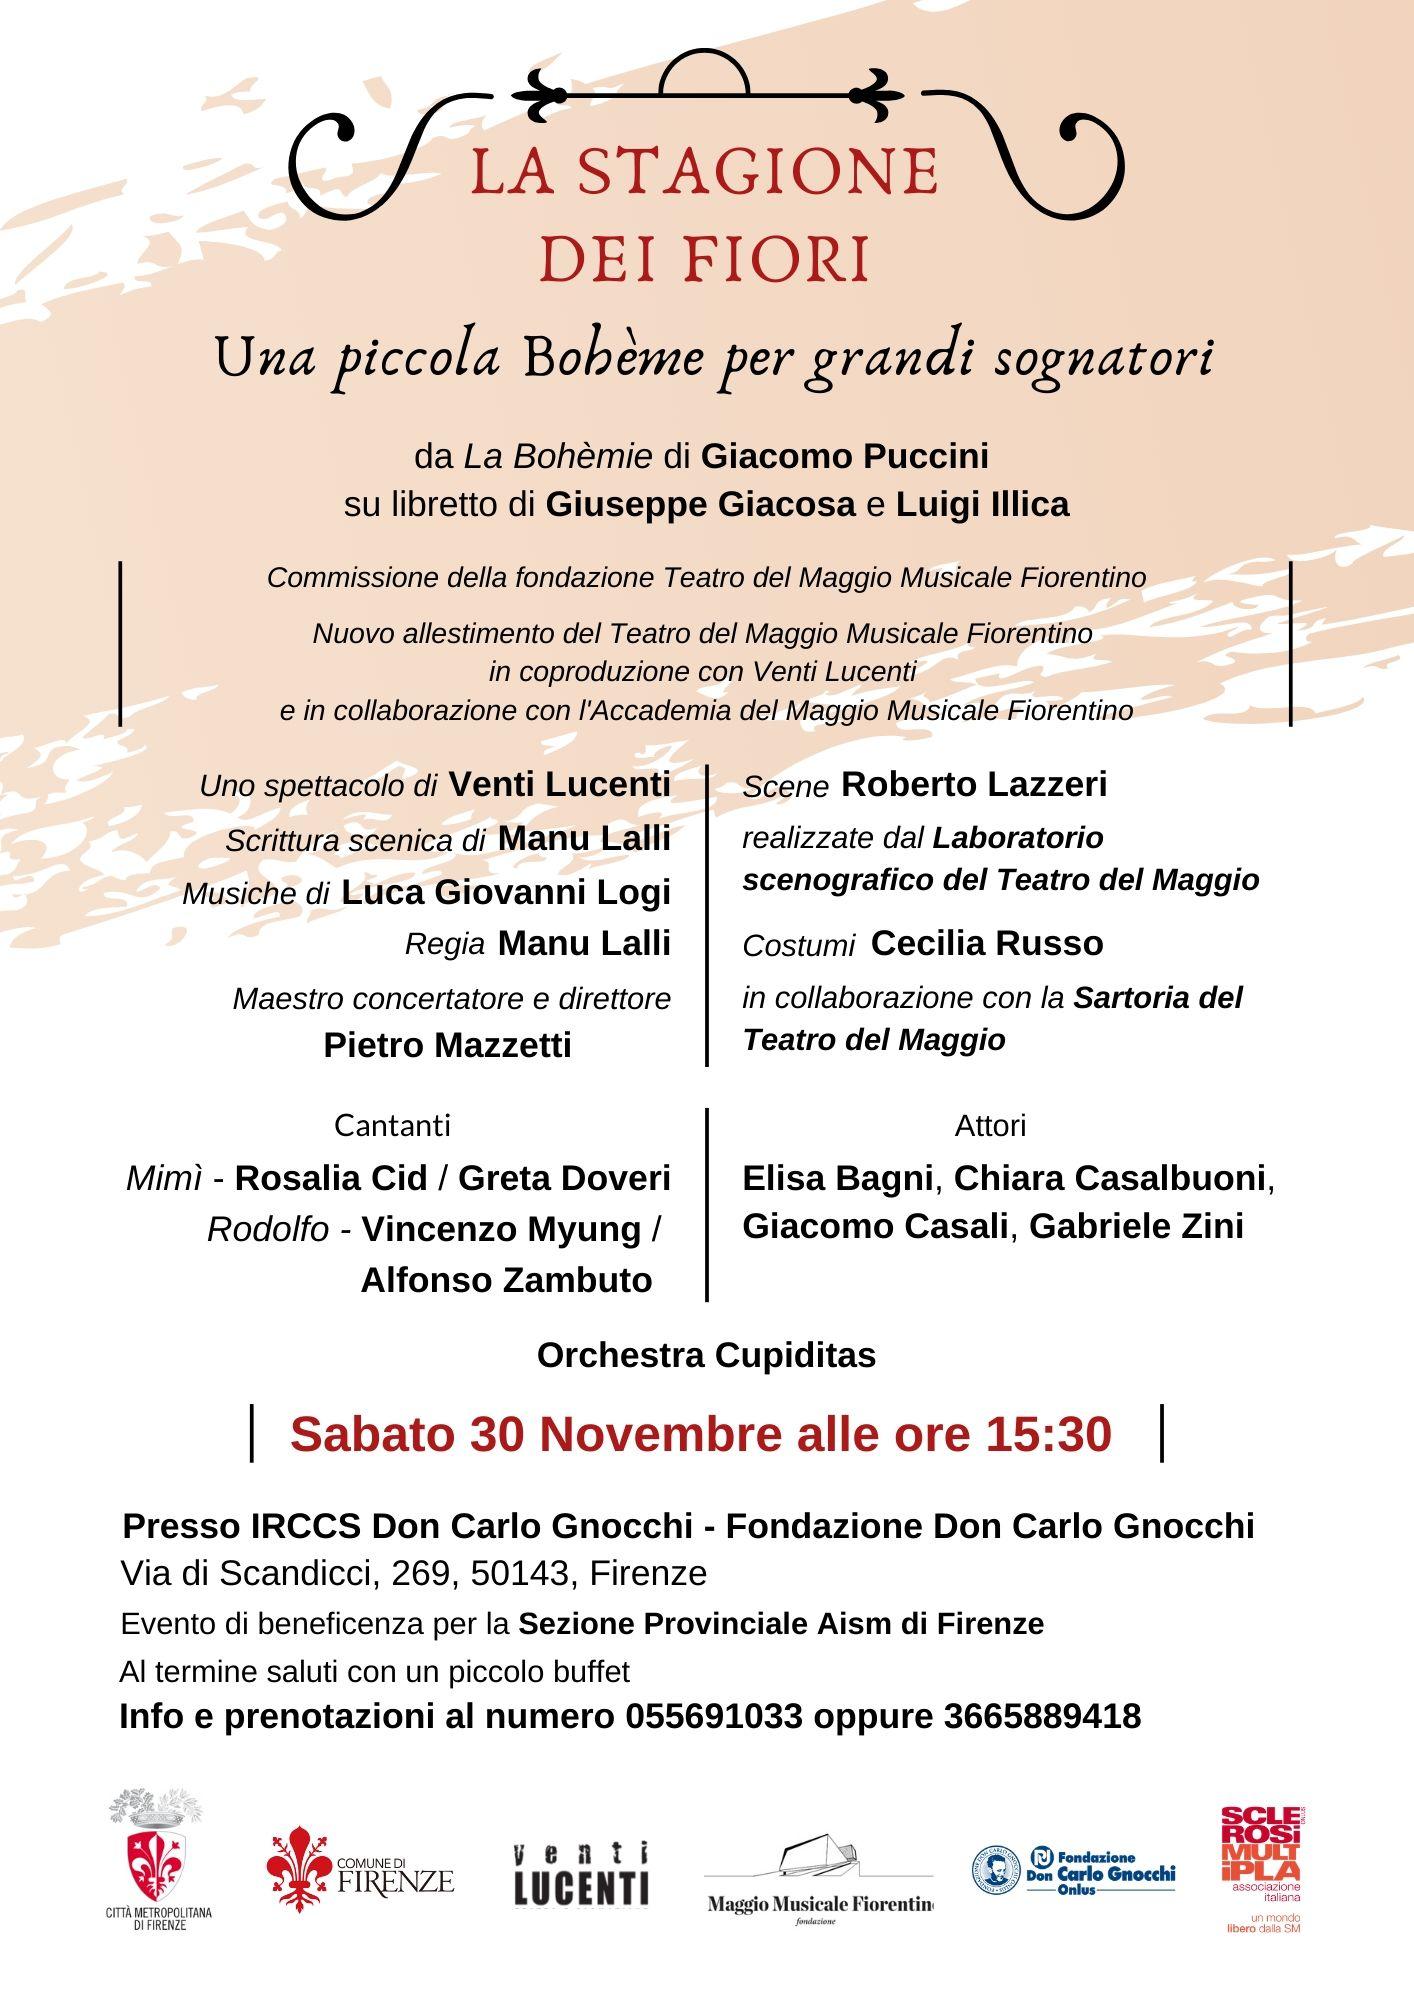 Firenze: AISM organizza eventi di beneficenza per i malati di sclerosi multipla